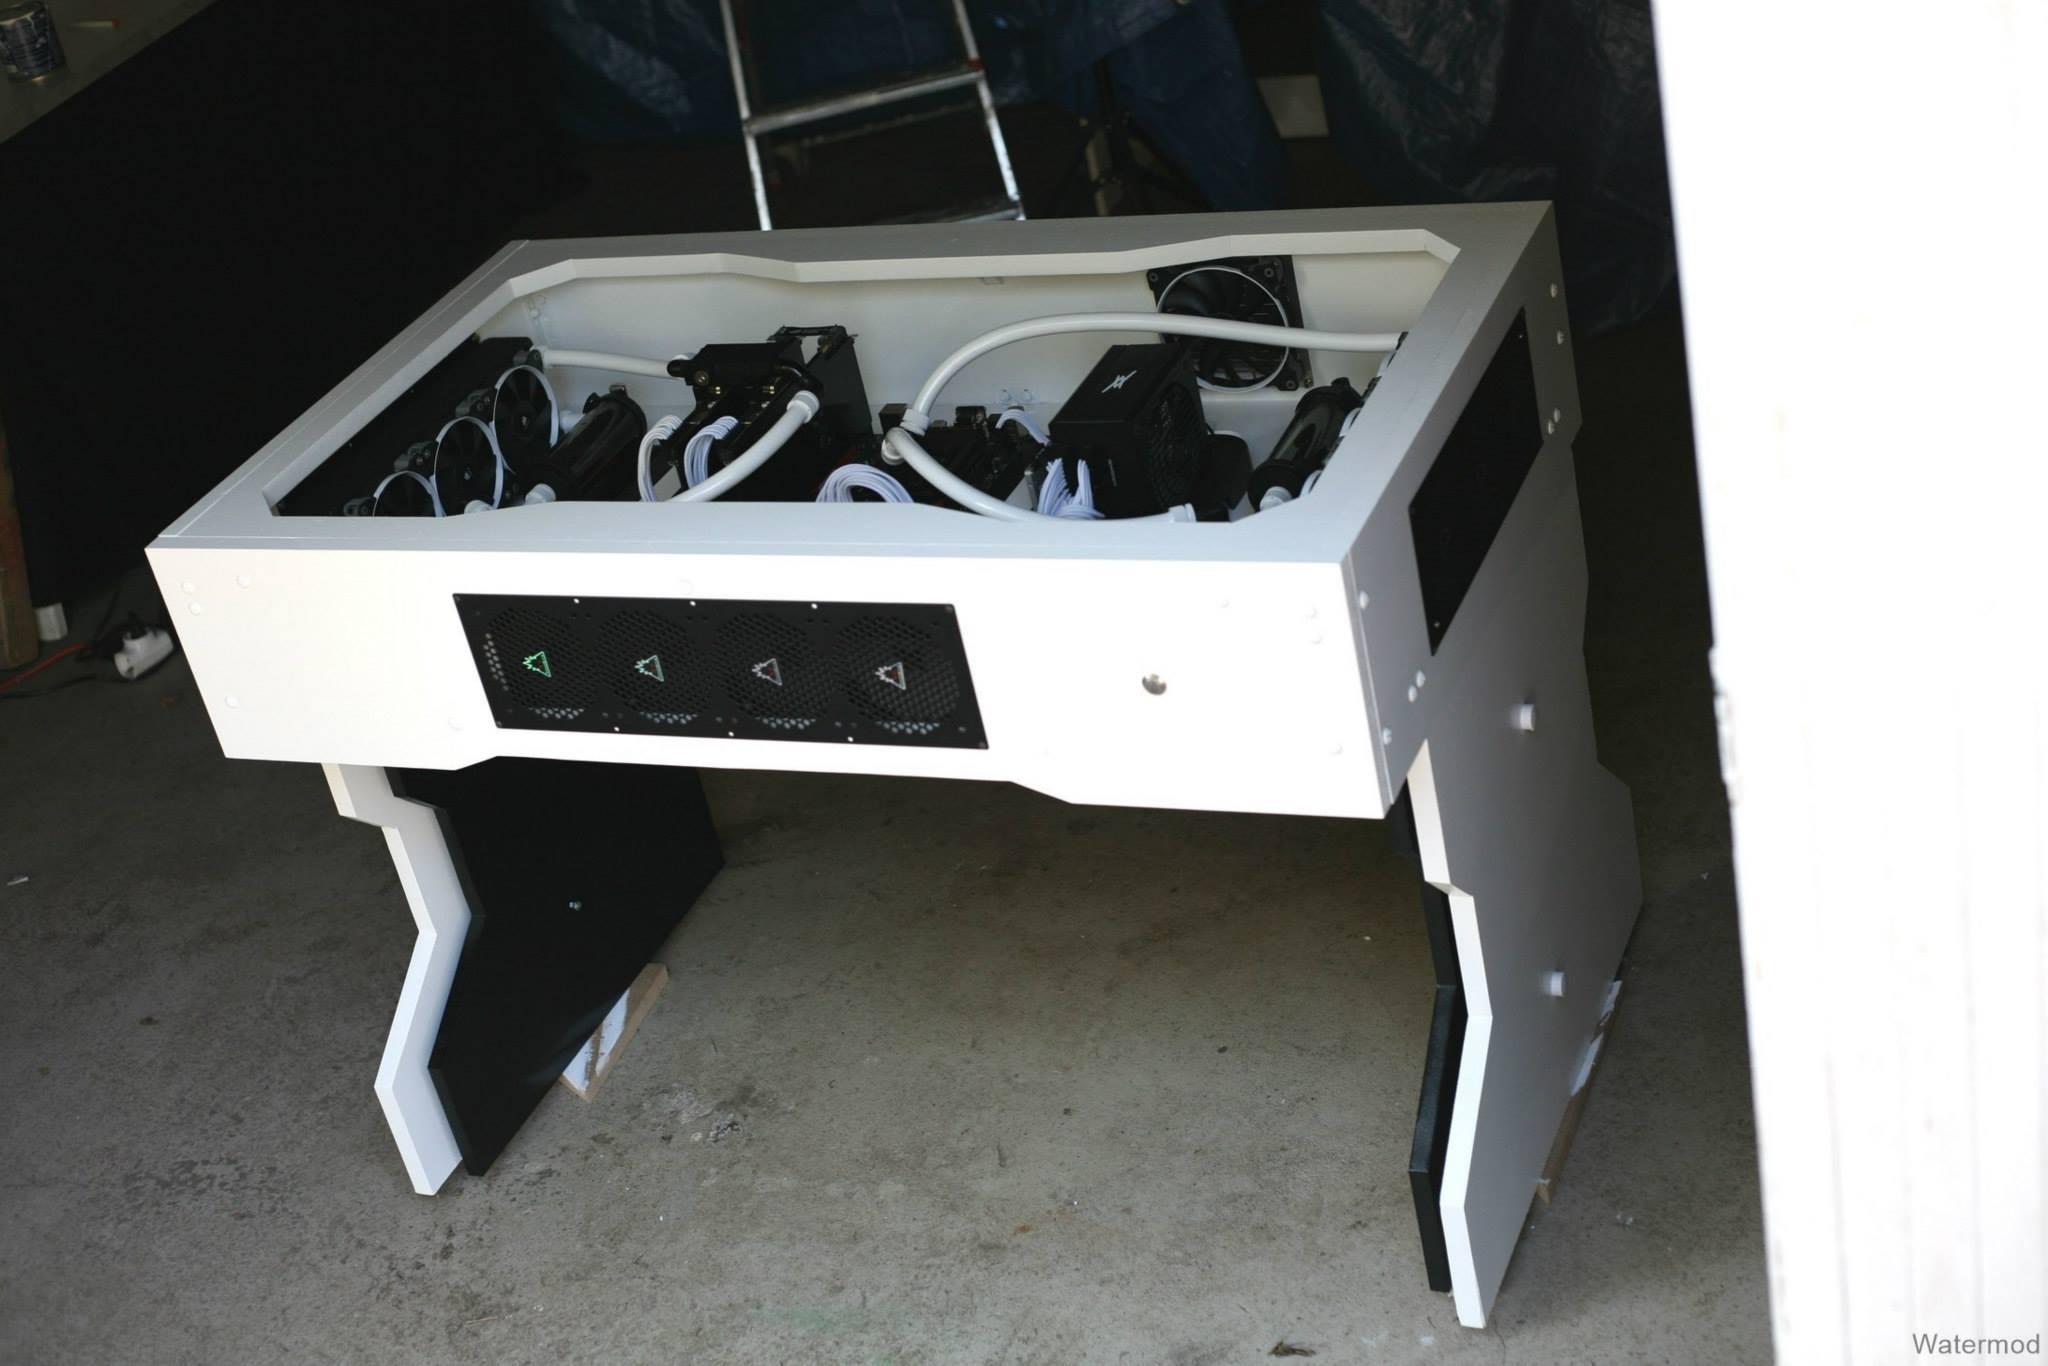 [MOD] Watermod Desk